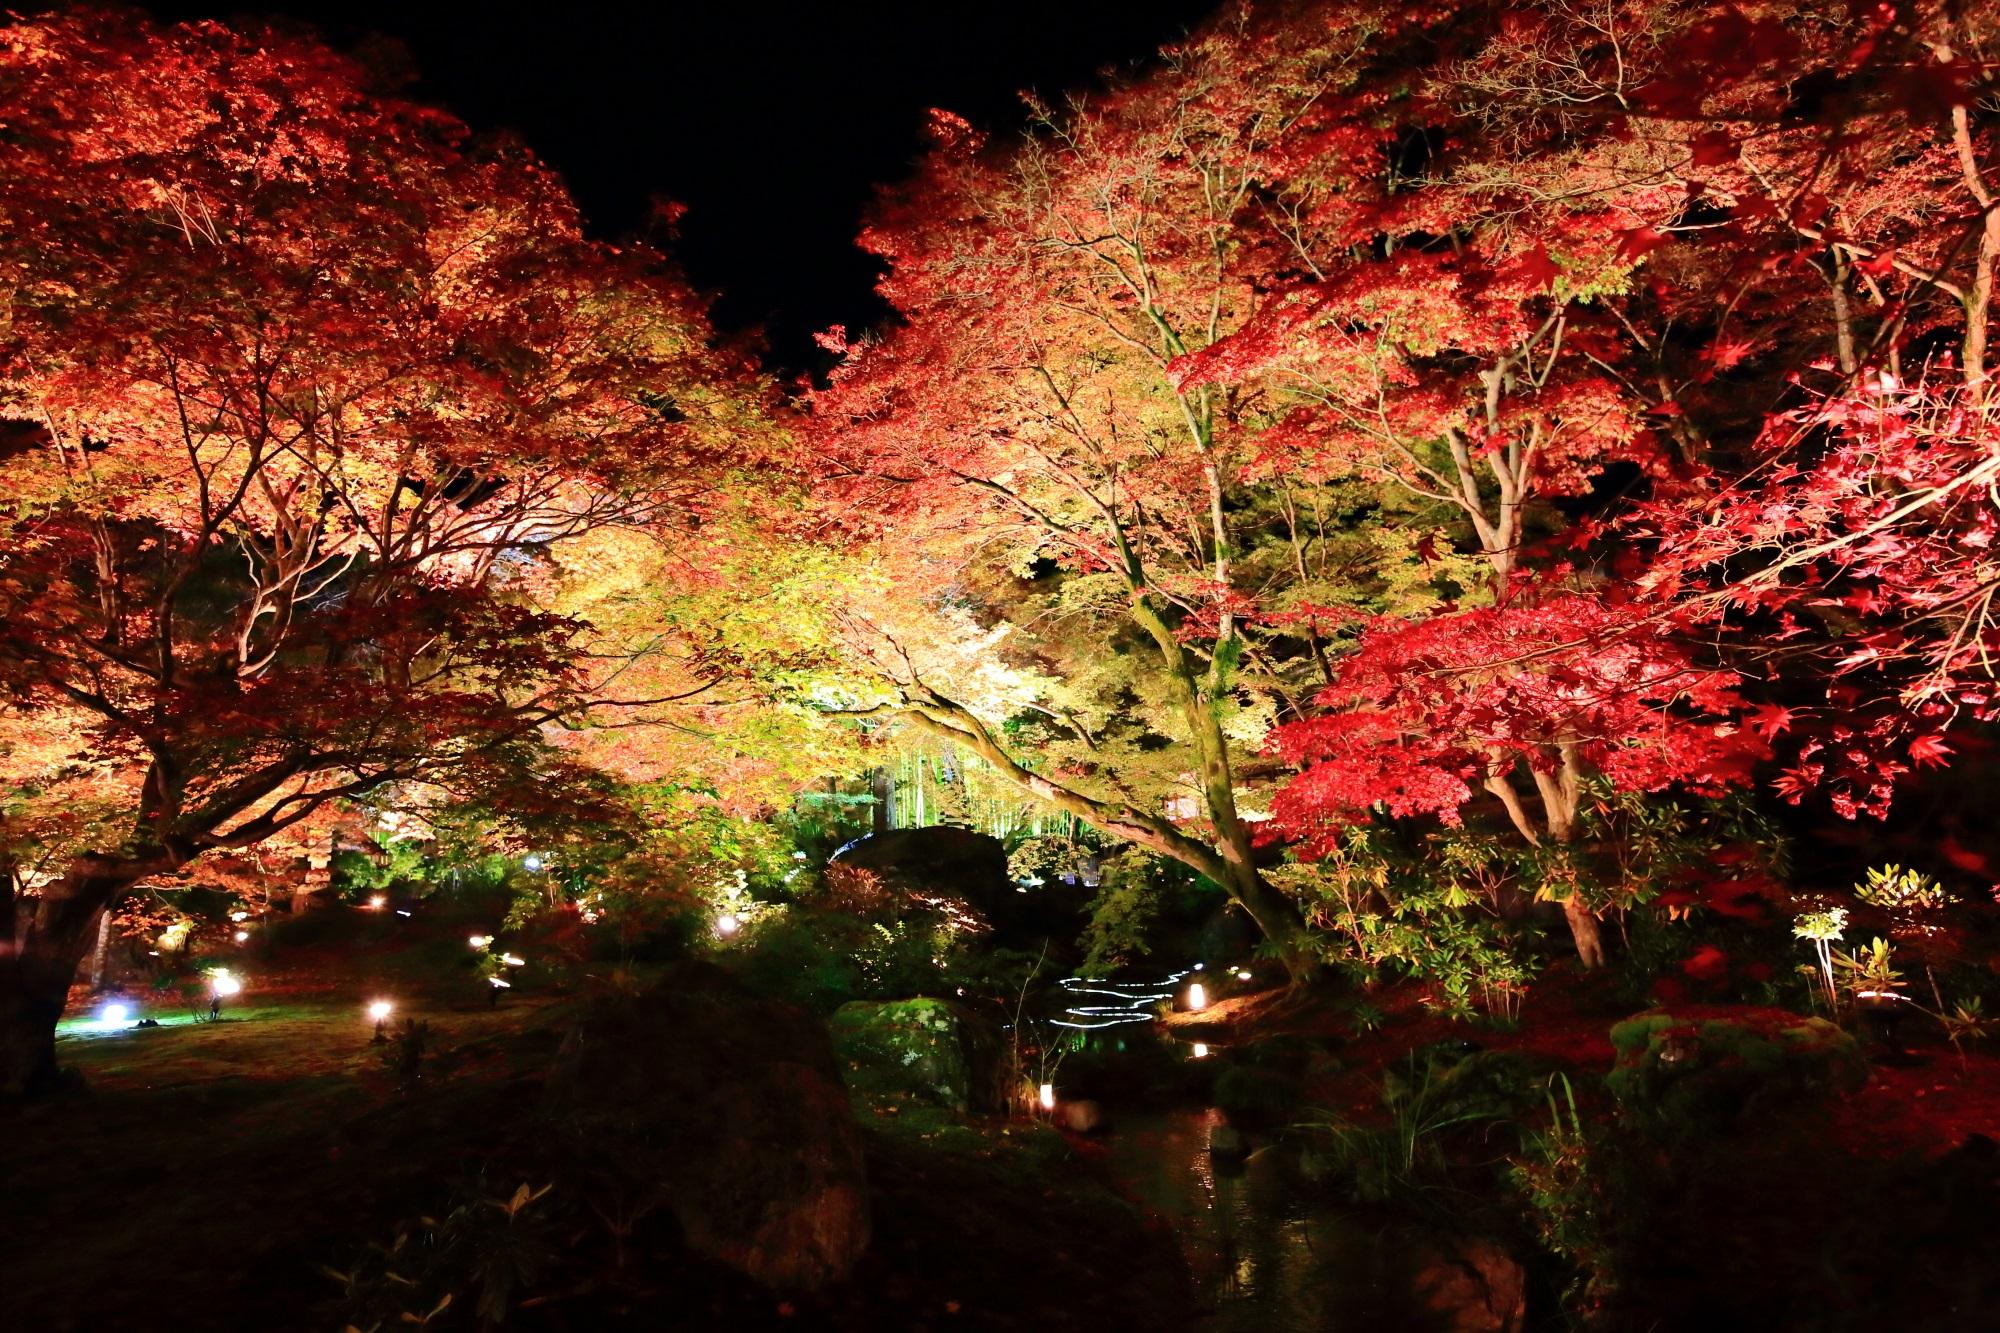 嵐山の宝厳院の獅子吼の庭の見ごろの紅葉ライトアップ 2015年11月